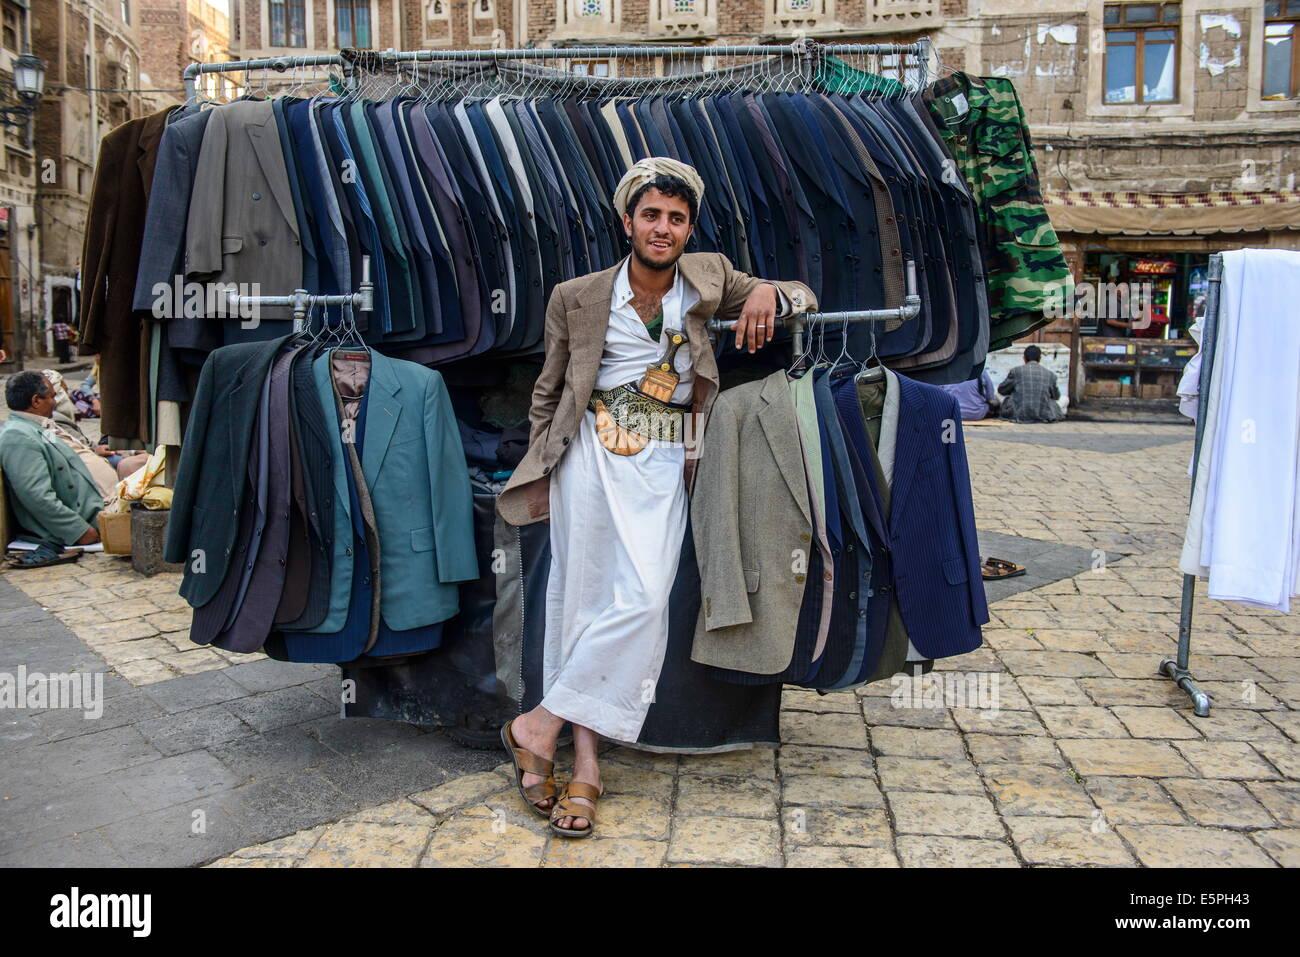 Uomo che vendono vestiti nella Città Vecchia 2d16d99cac5